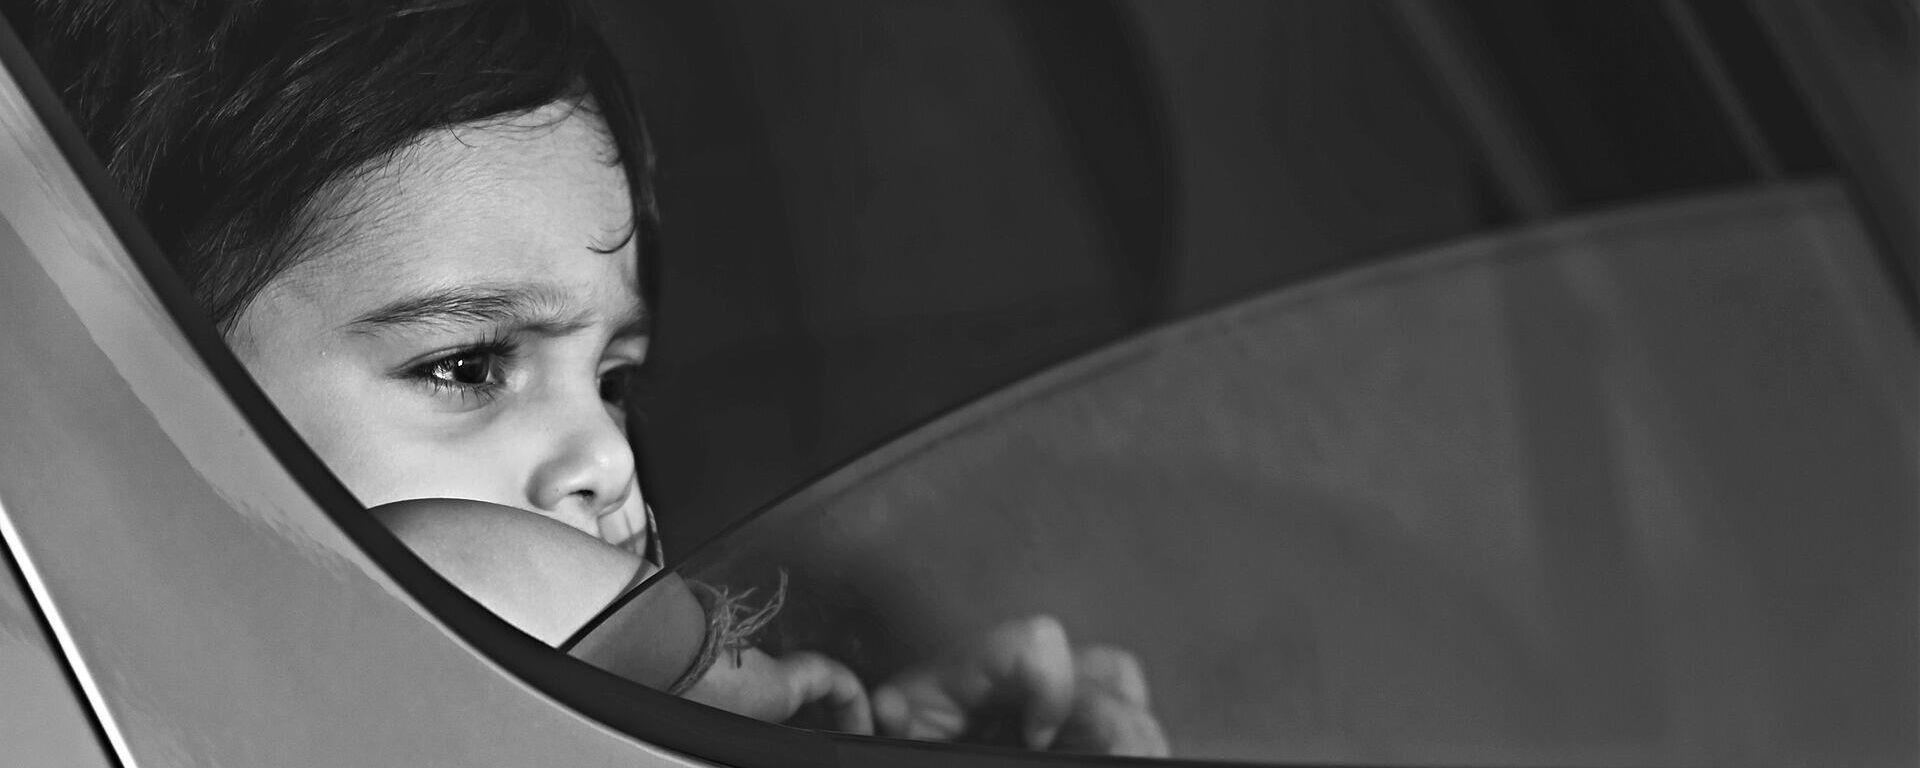 Un niño (imagen referencial) - Sputnik Mundo, 1920, 02.07.2021